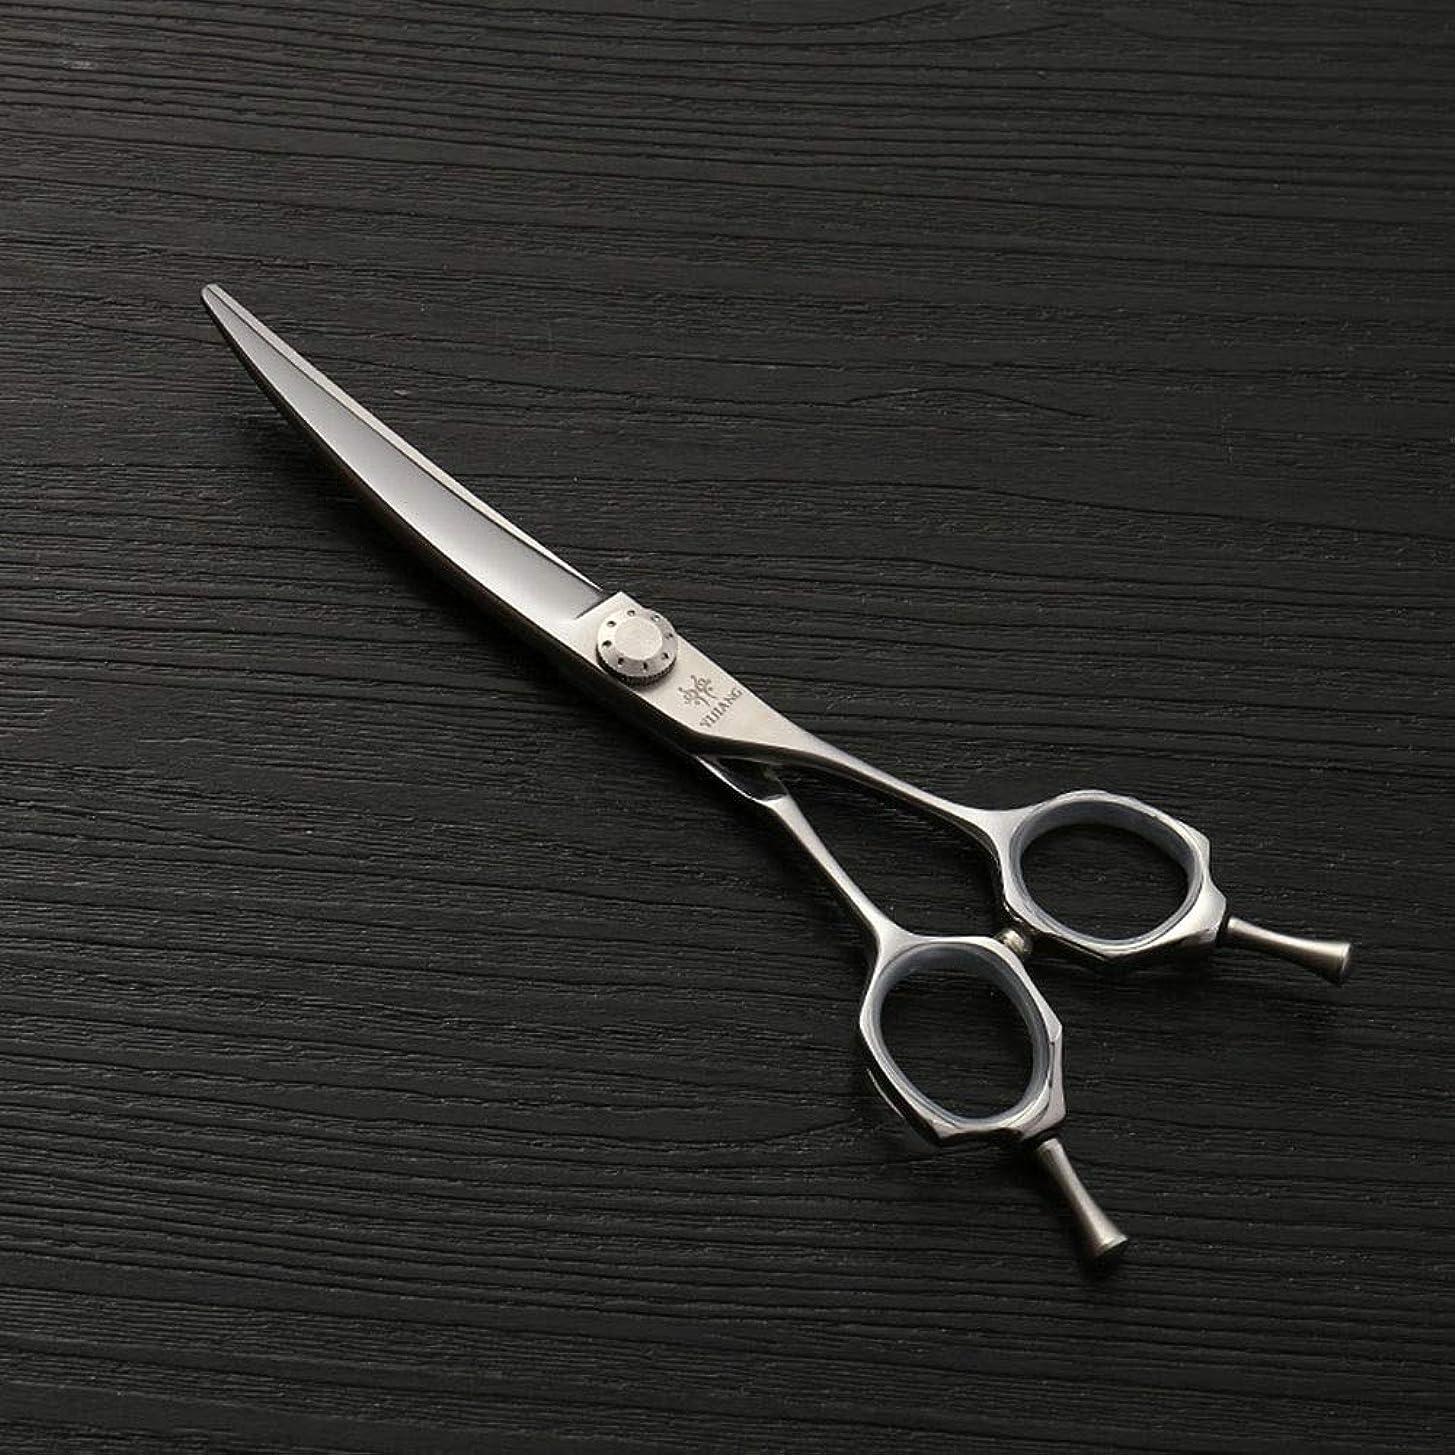 蜜慰め腹440Cステンレス鋼理髪はさみ、6.0ファッション散髪はさみ、ヘアスタイリストの動向 モデリングツール (色 : Silver)